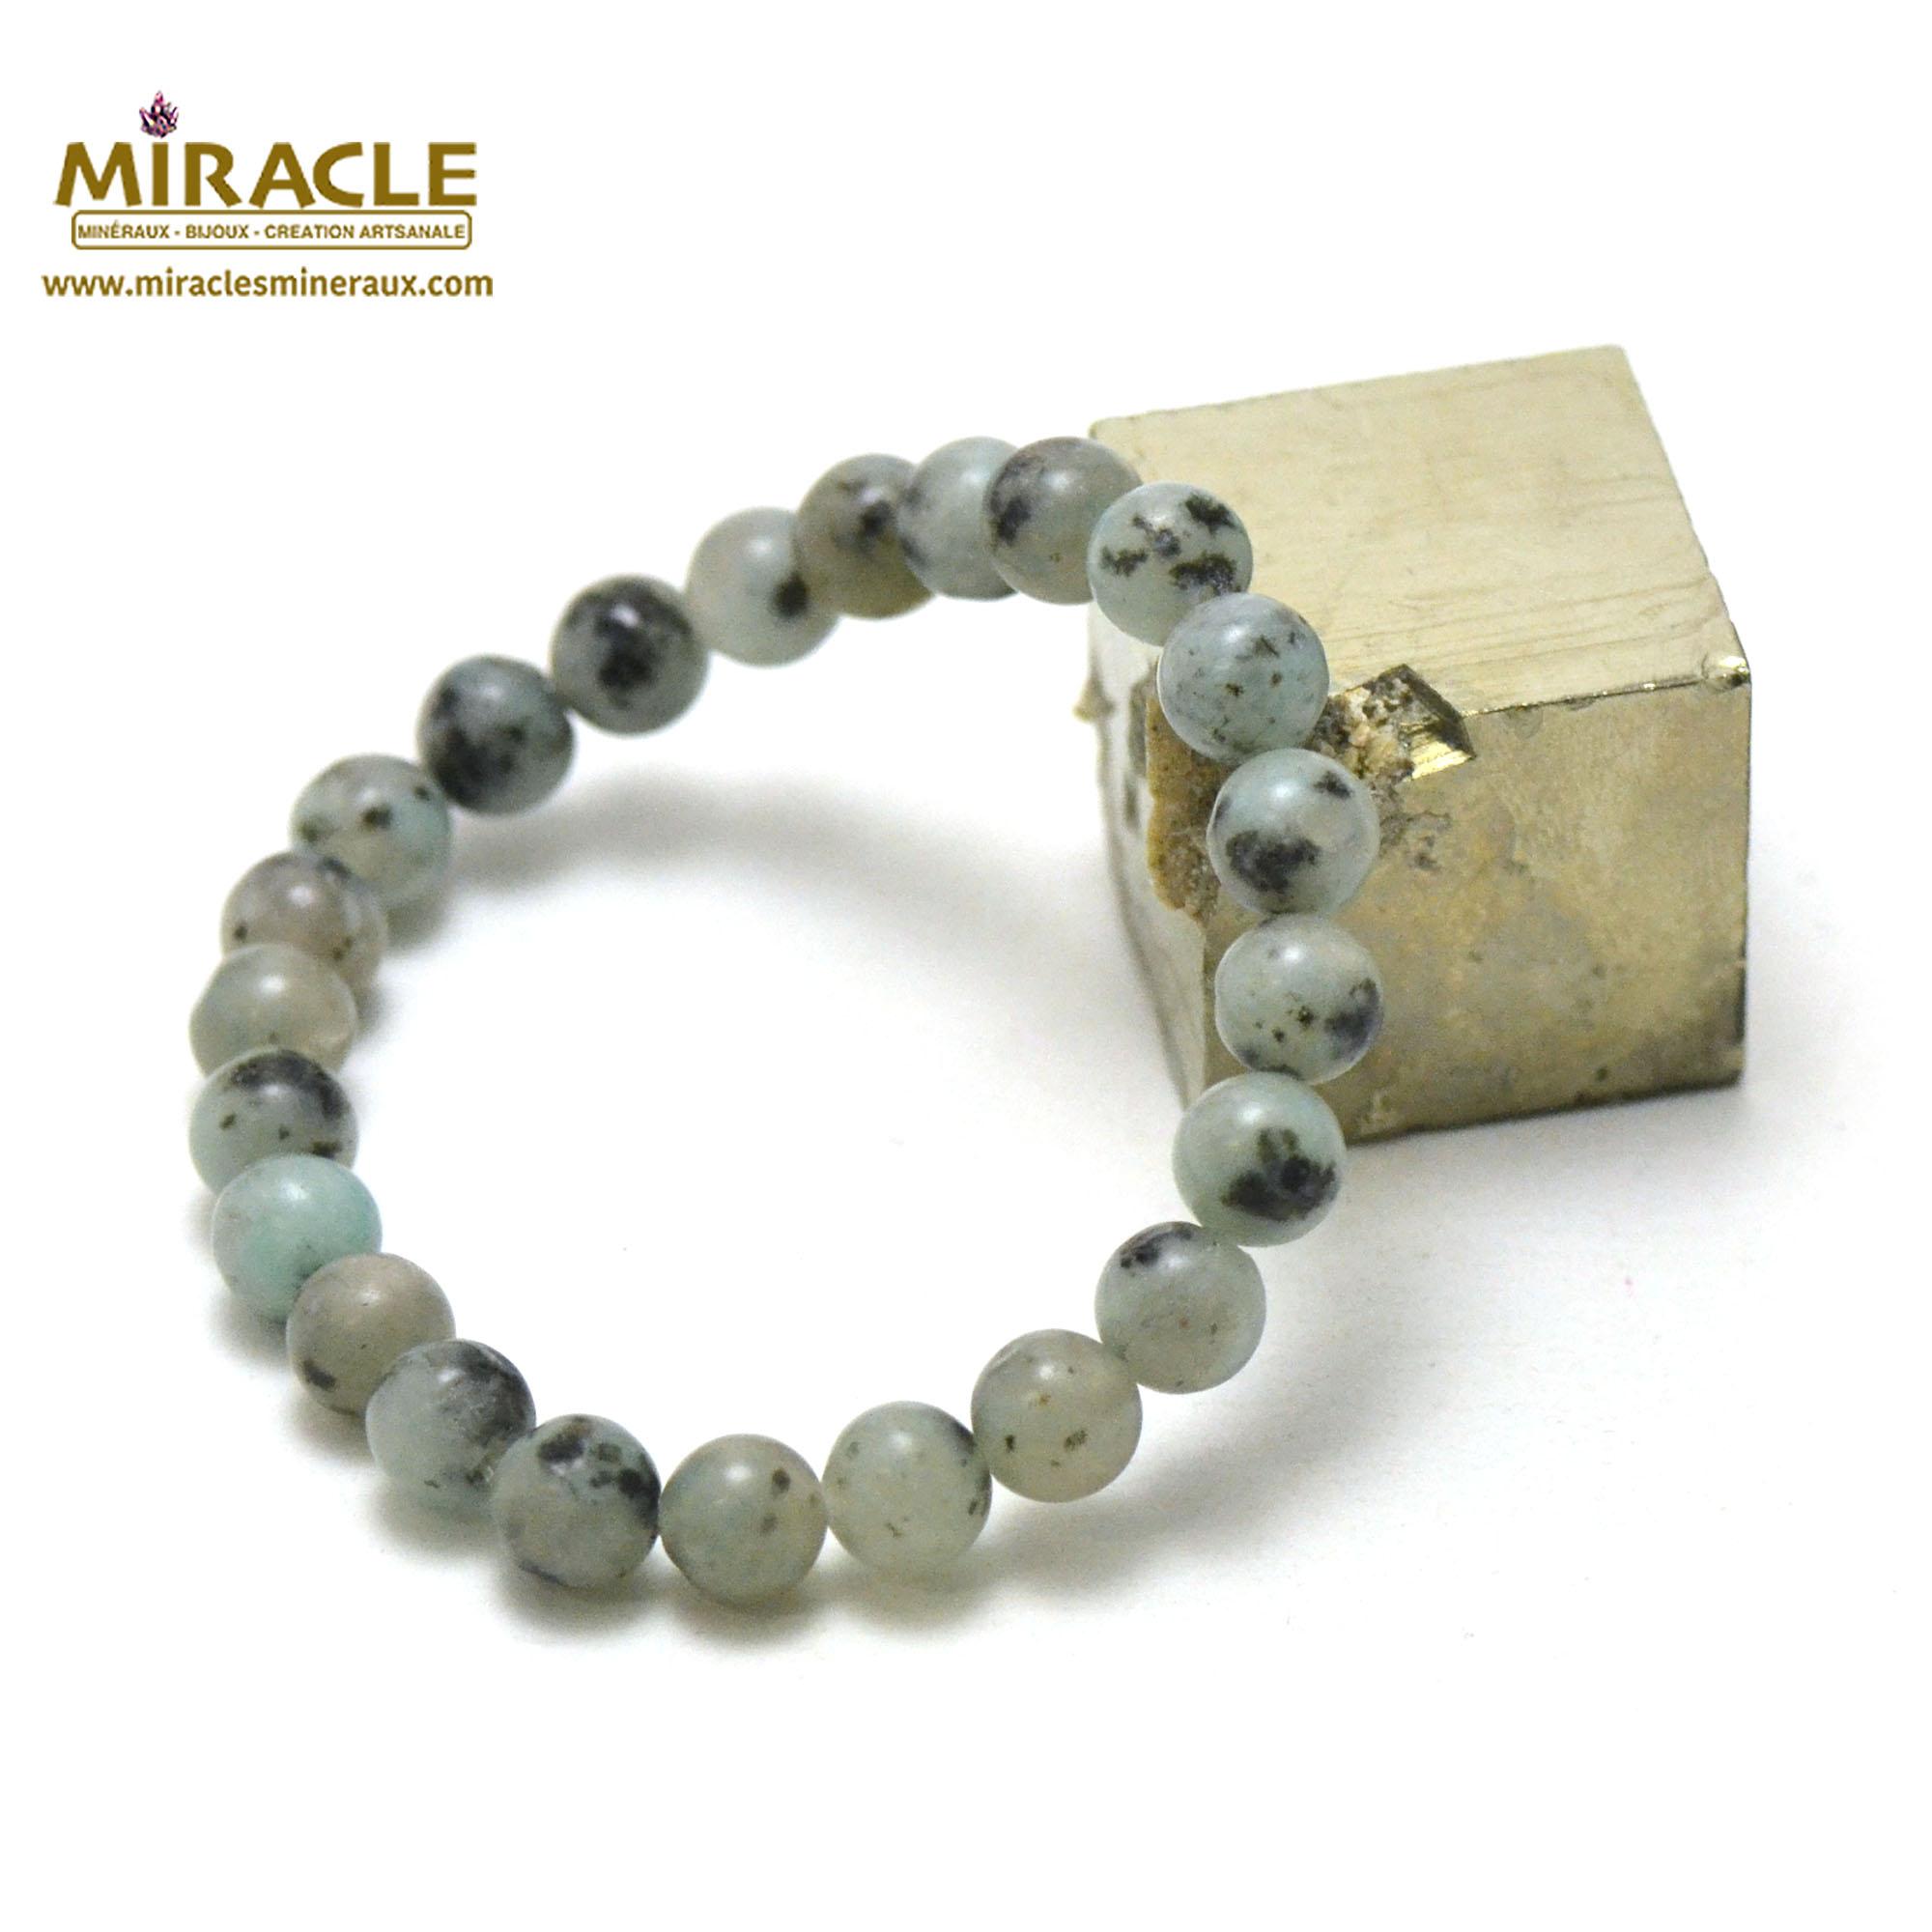 Bracelet jade néphrite des Andes, perles rond 8 mm